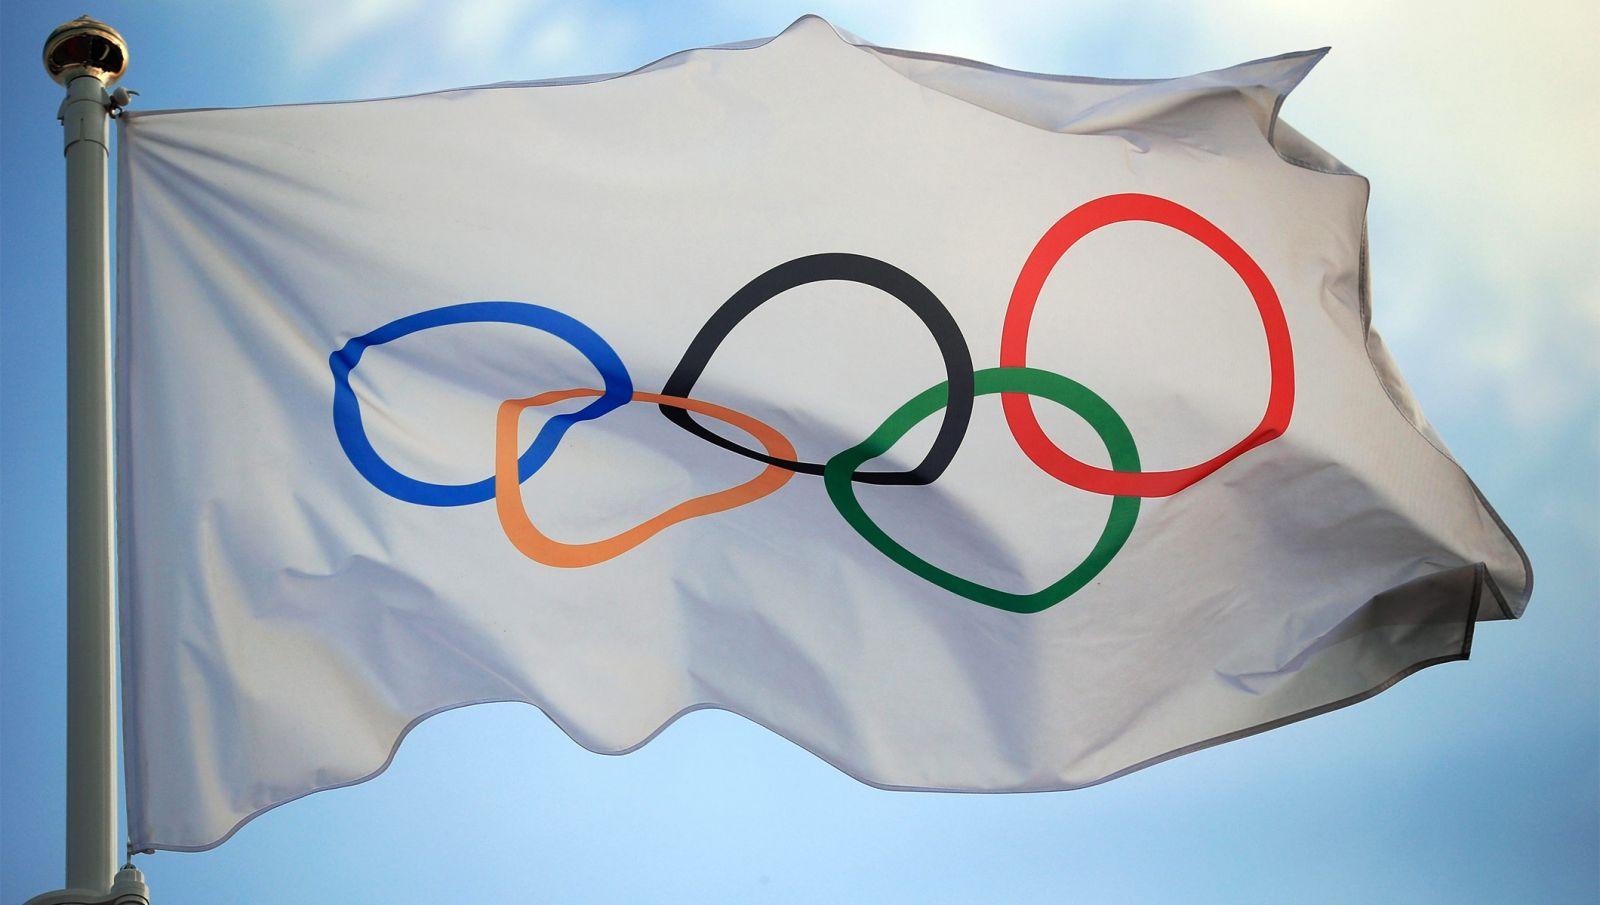 МОК продолжил консультации со всеми заинтересованными сторонами Олимпийских игр в Токио-2020